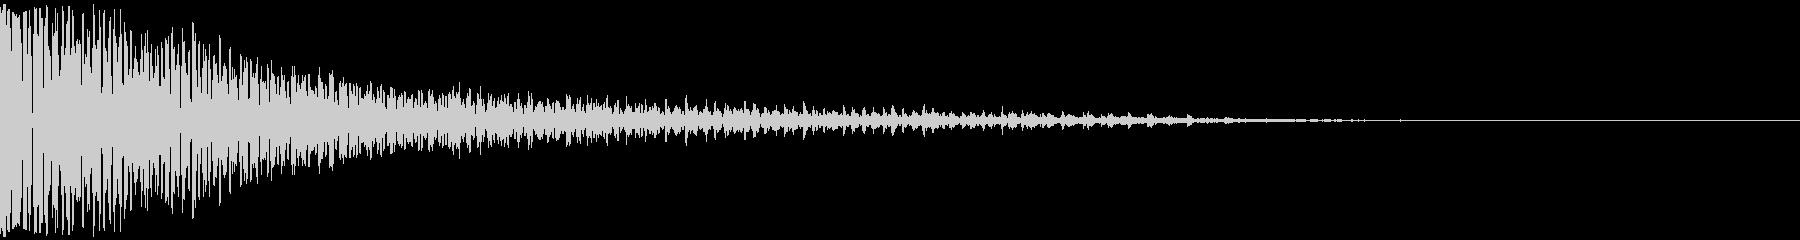 和太鼓ドドン(ヴィブラスラップも同時に)の未再生の波形